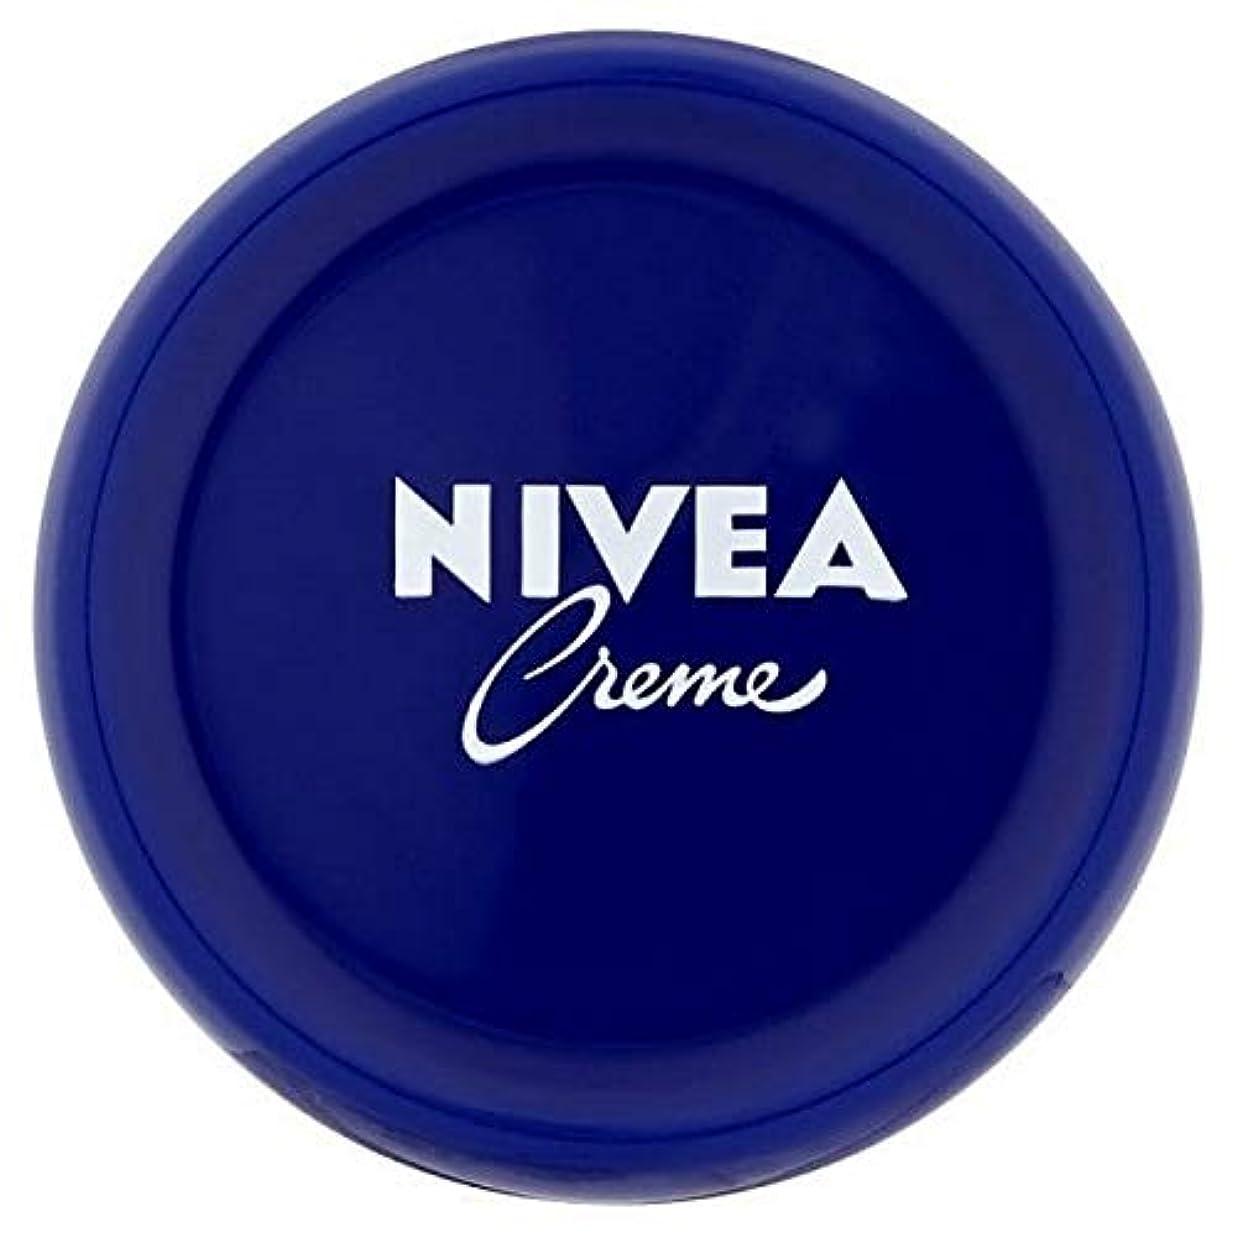 コショウキルス充実[Nivea ] ニベアクリーム万能ボディクリーム、50ミリリットル - NIVEA Creme All Purpose Body Cream, 50ml [並行輸入品]